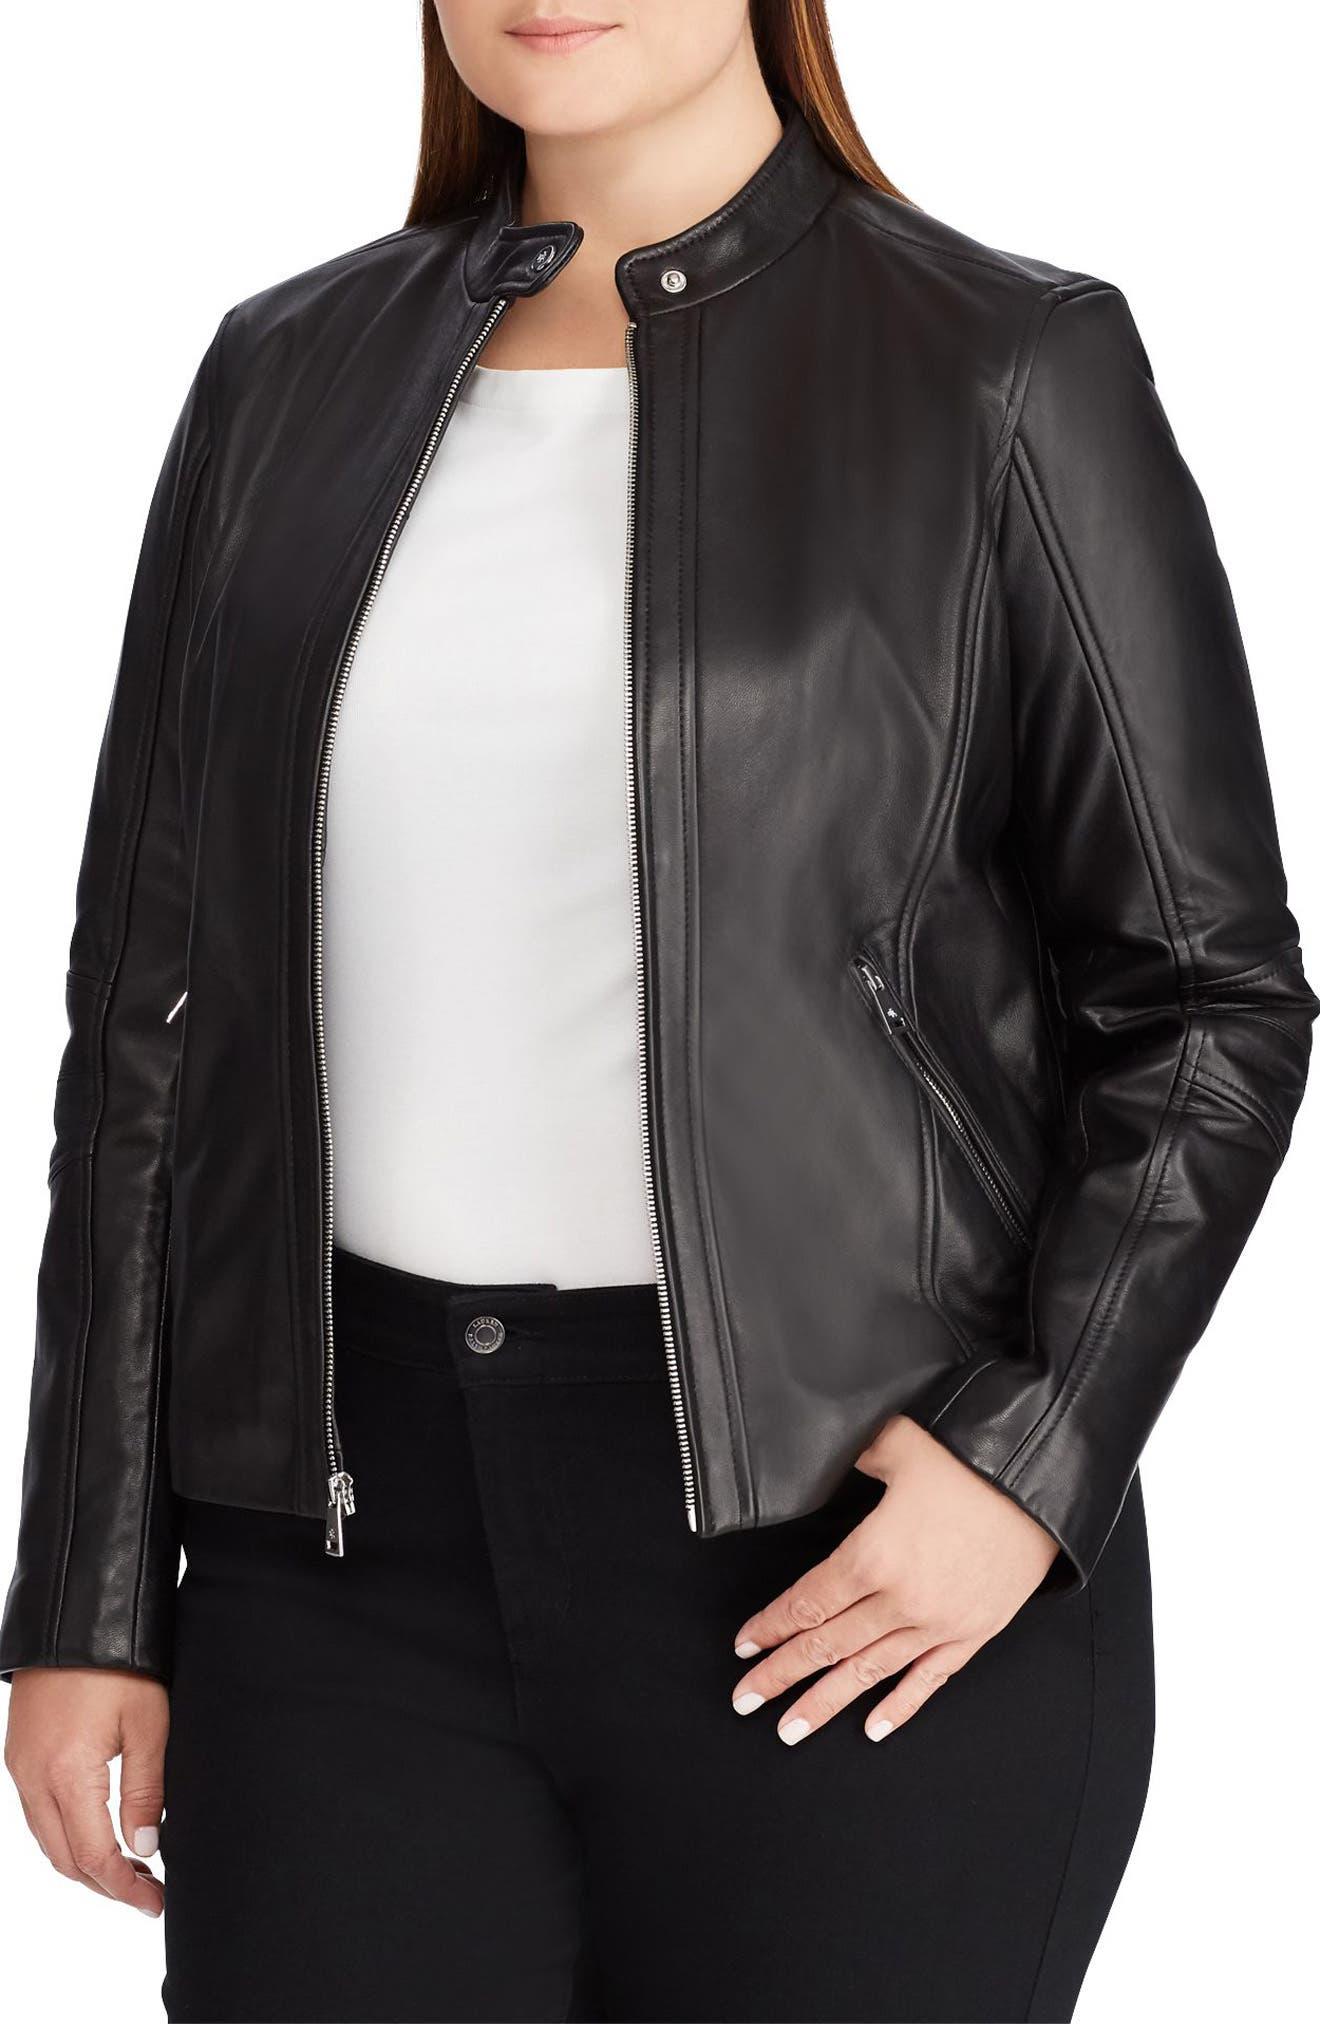 LAUREN RALPH LAUREN Leather Moto Jacket, Main, color, 005